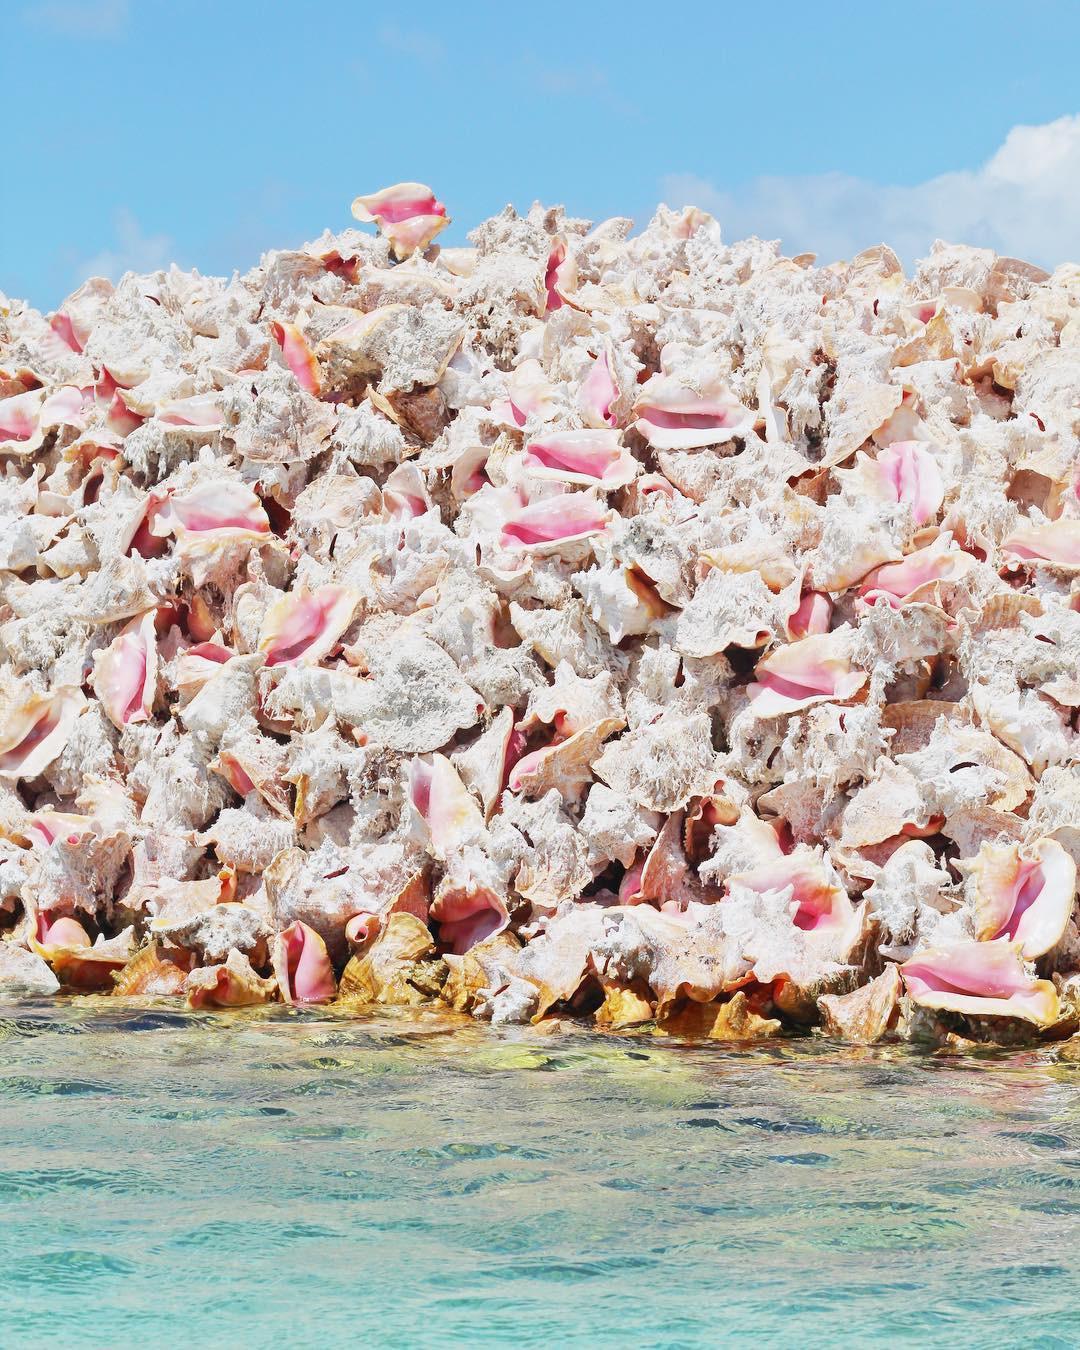 Hoá ra, hòn đảo ăn ốc đổ vỏ là có thật: Mới nhìn hình thôi mà đã thấy nhức chân lắm rồi! - Ảnh 11.